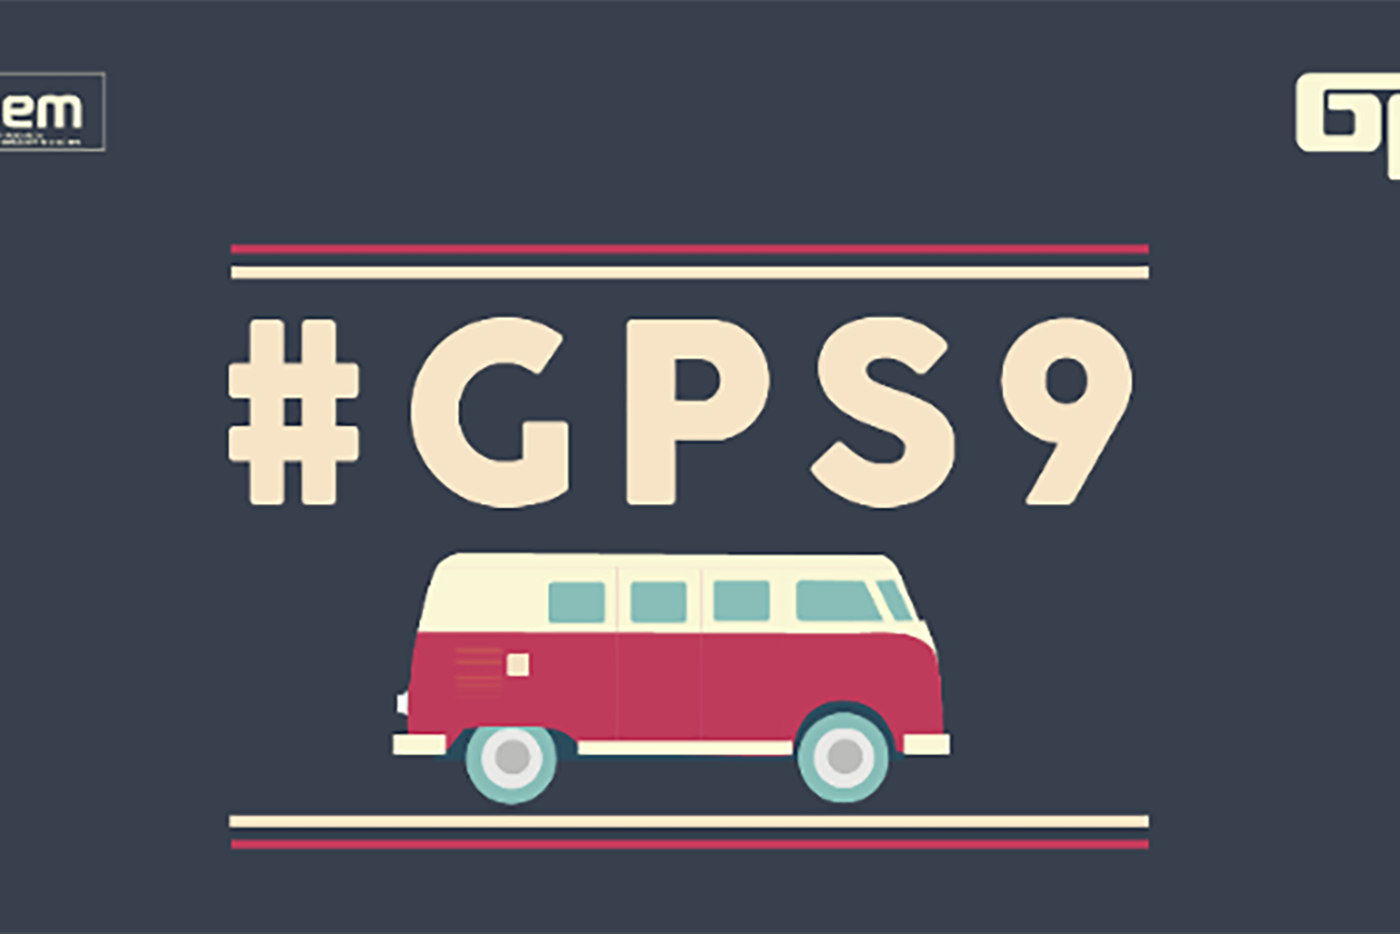 Abierta la votación popular #GPS9